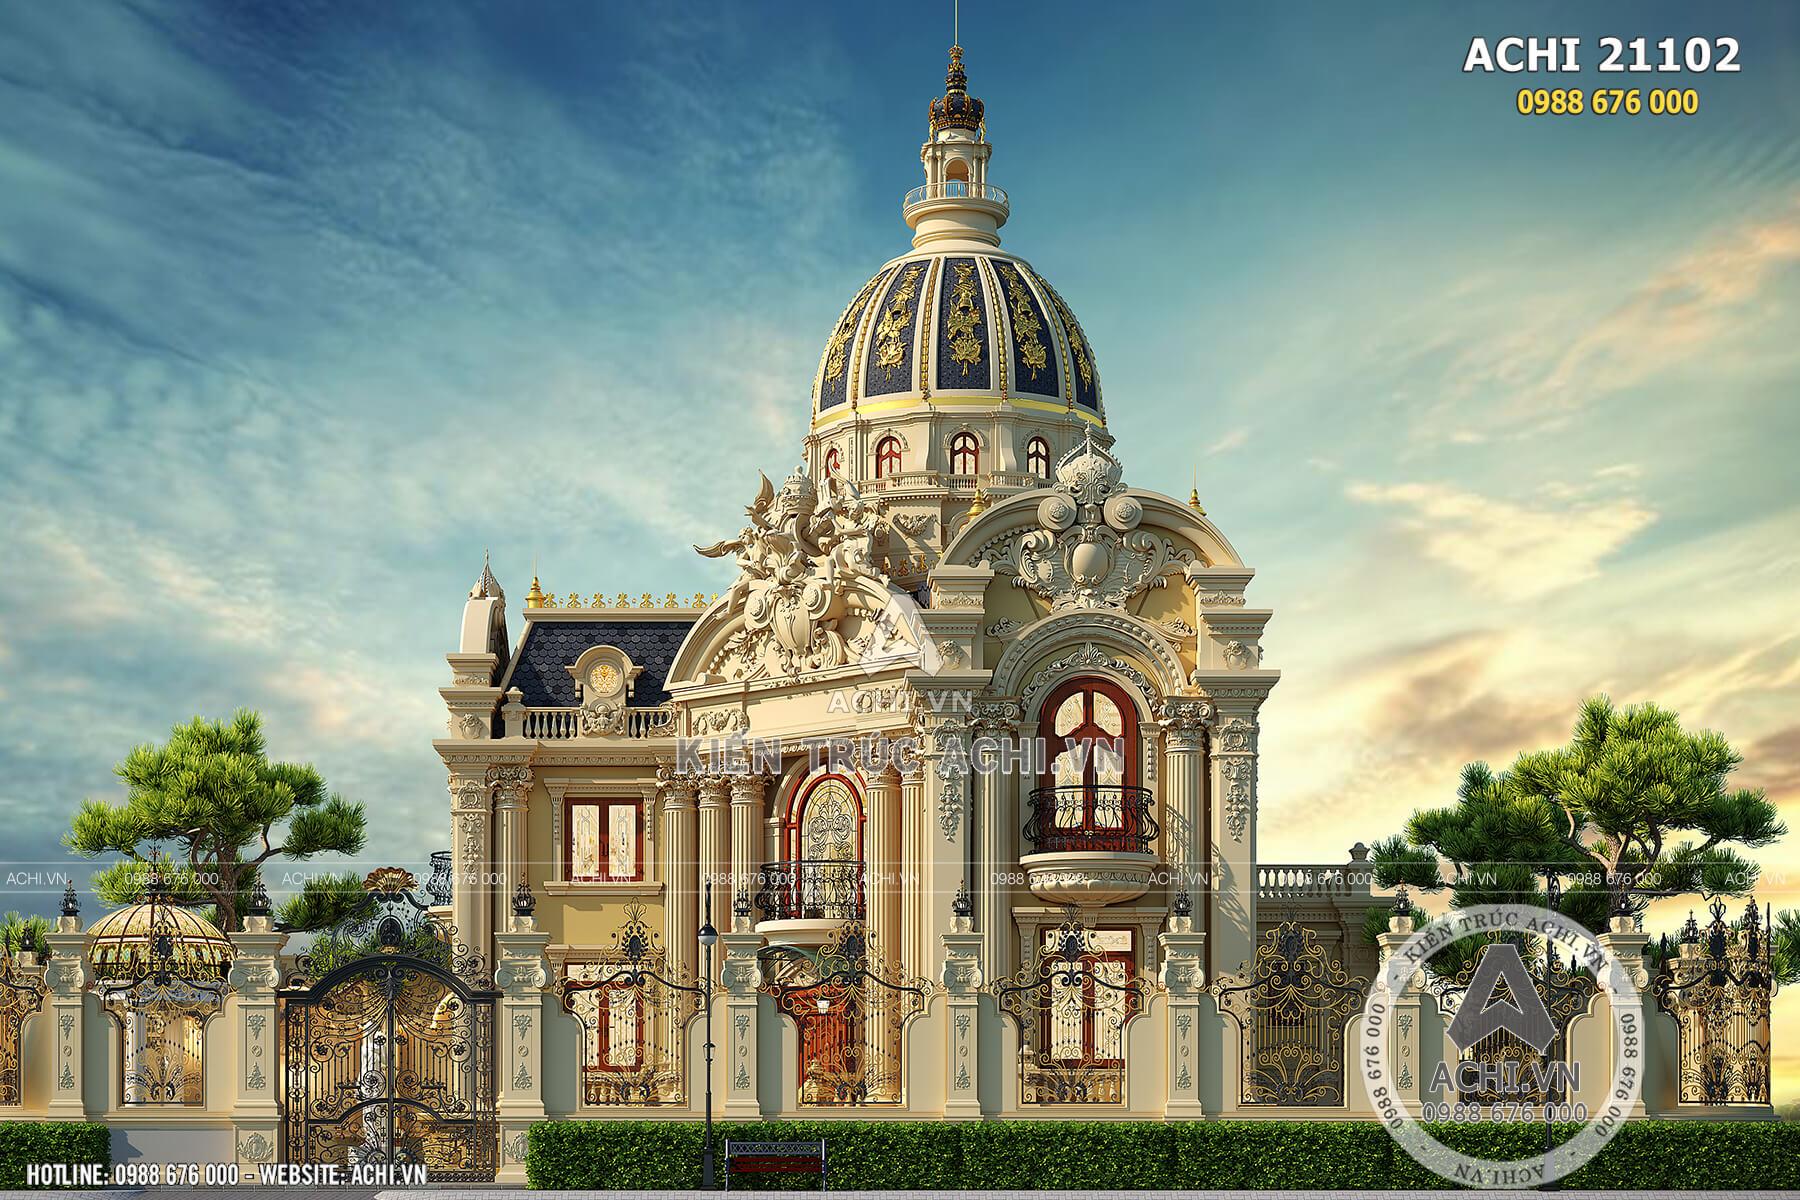 Mẫu biệt thự lâu đài 2 tầng tân cổ điển sang trọng